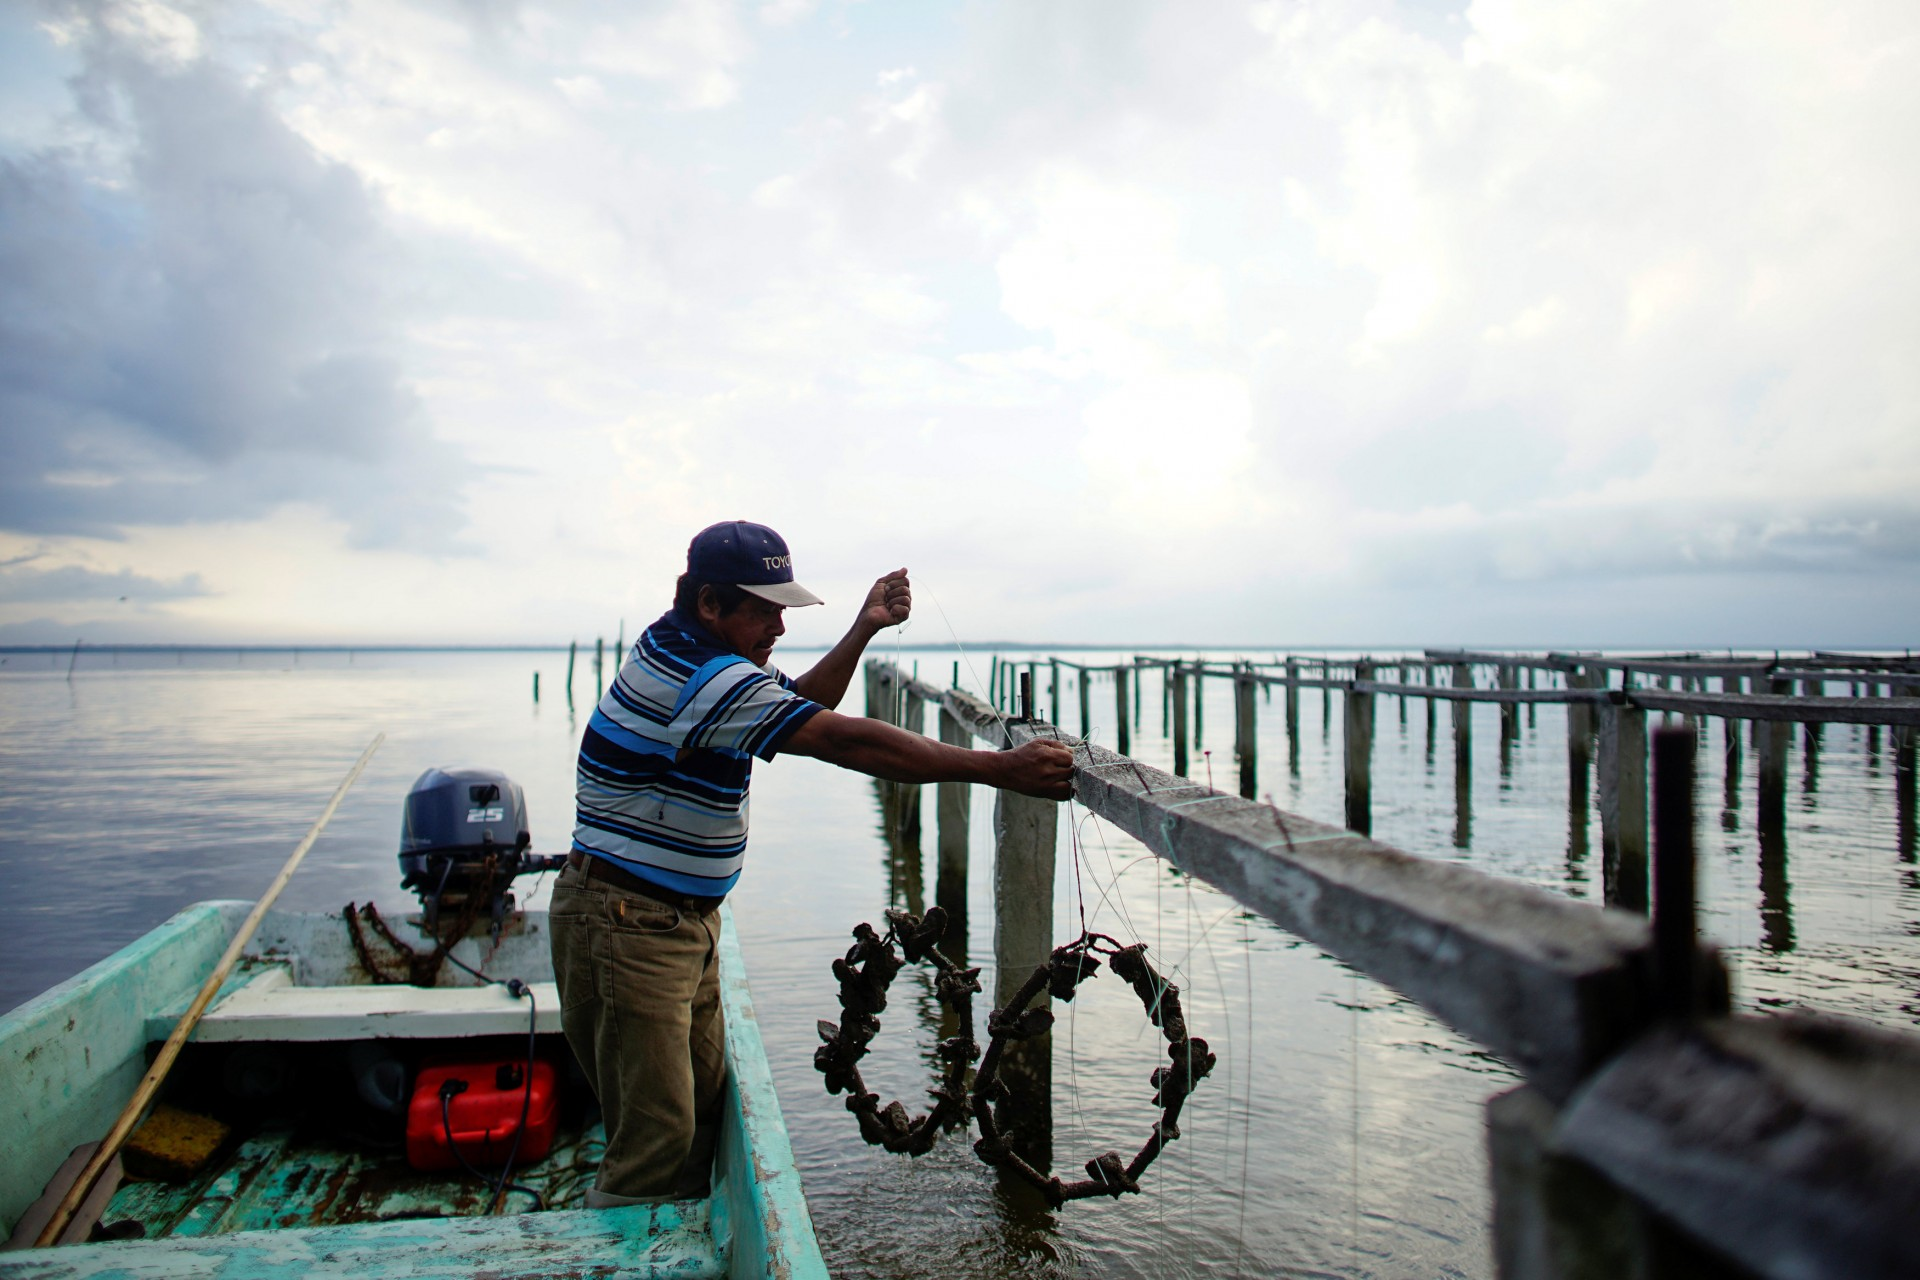 El pescador Rafael de la Cruz Hernández, de 60 años, sostiene algunas ostras en una granja de ostras en la laguna Mecoacan cerca de Paraiso, México, el 9 de diciembre de 2018.